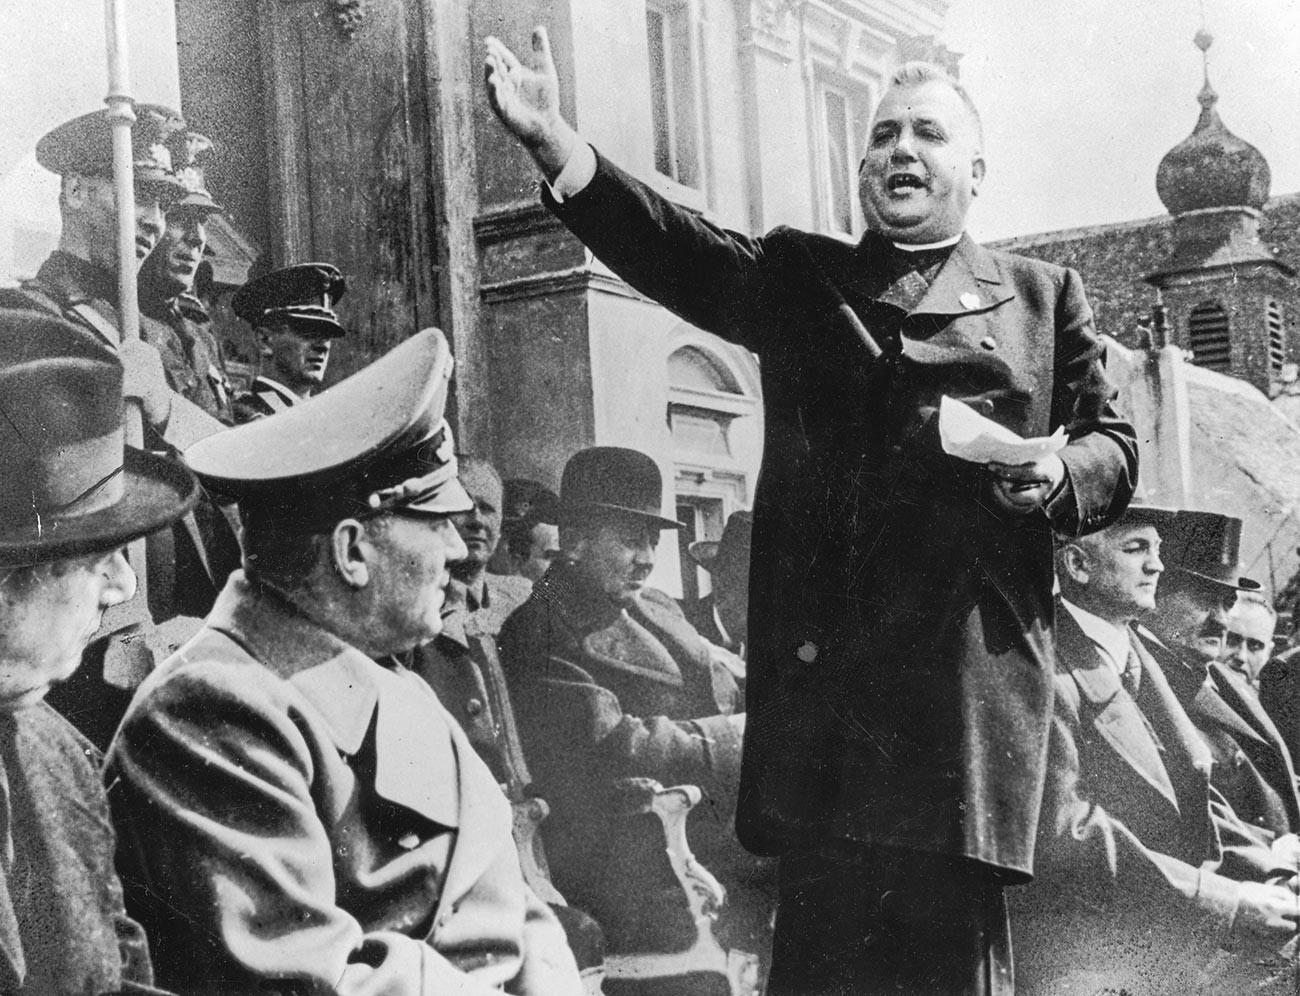 El sacerdote y líder político eslovaco Jozef Tiso recibe a los nazis en Eslovaquia, 1939.